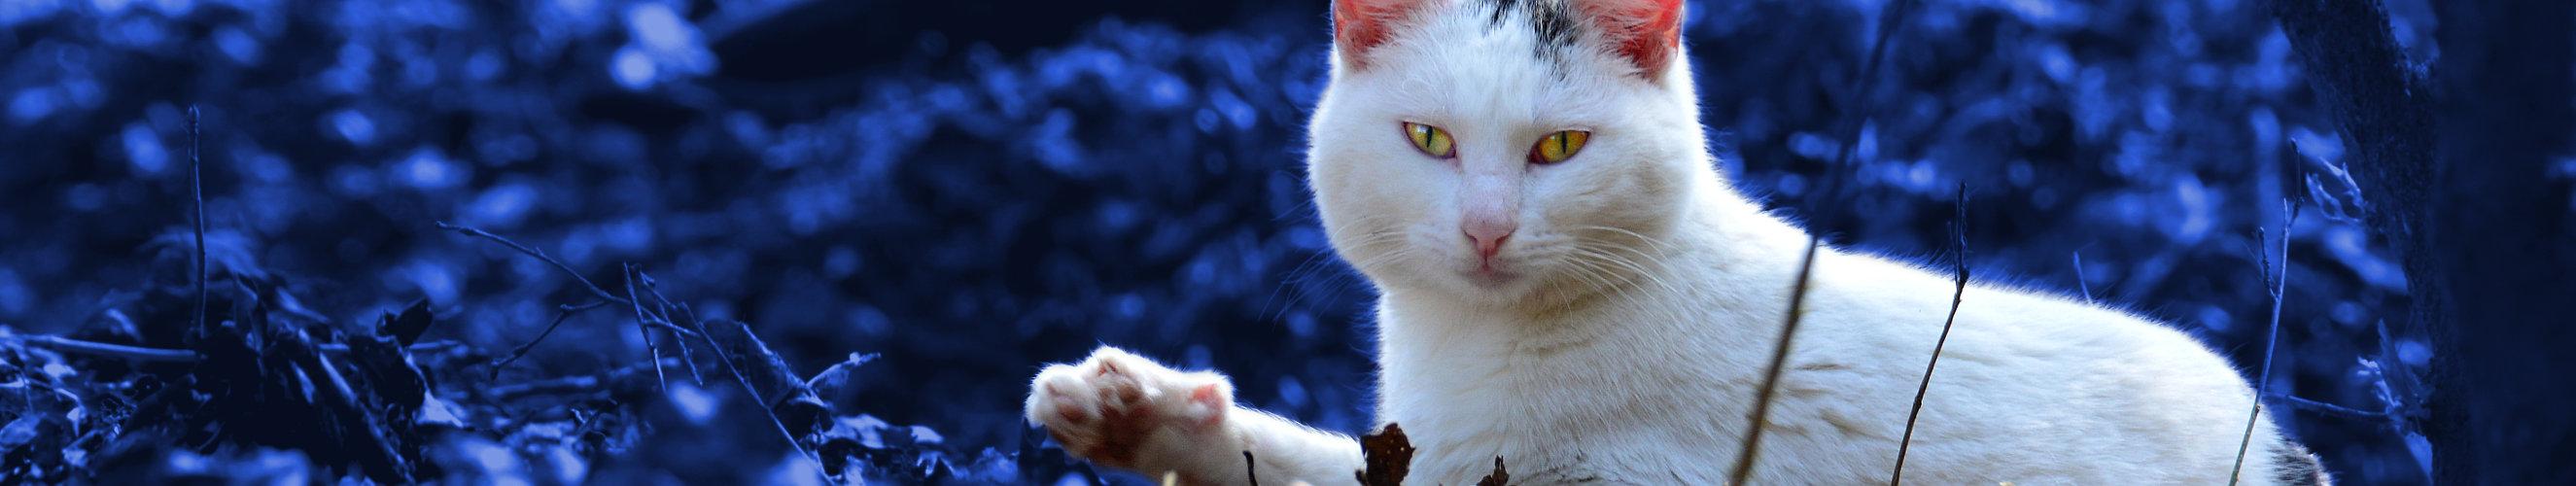 Kattebellen